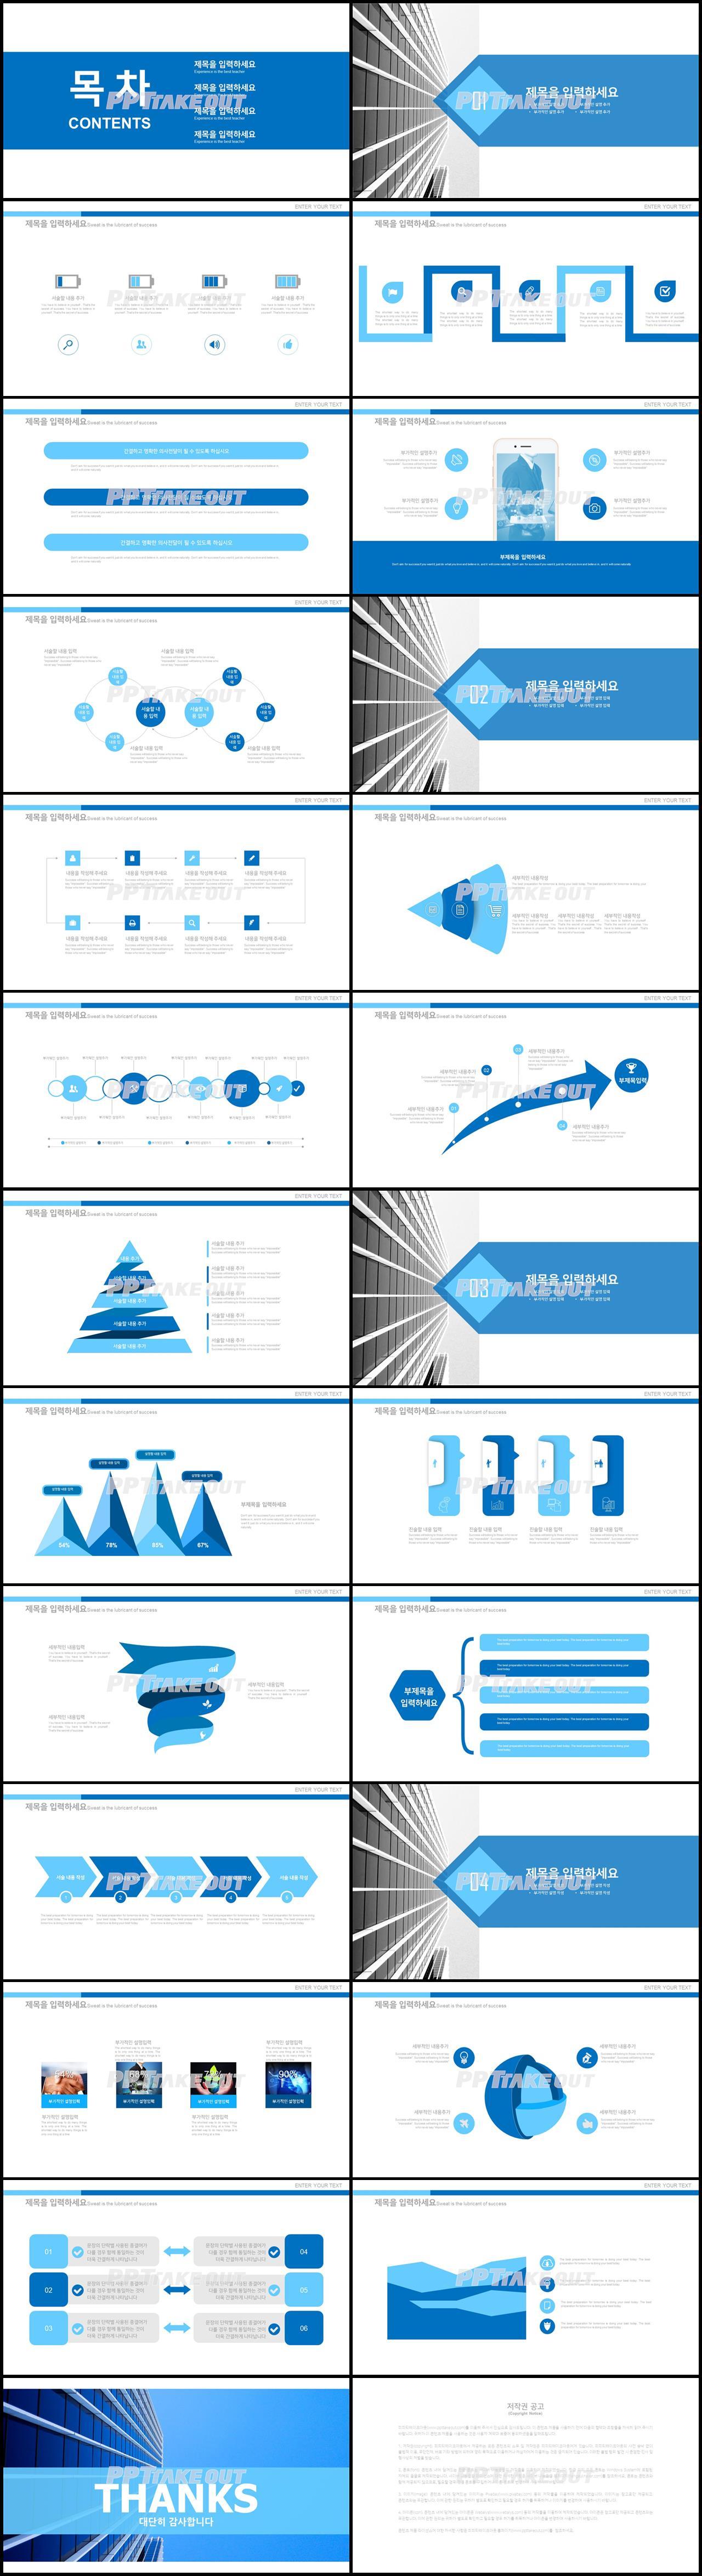 업무일지 블루 세련된 고급스럽운 PPT탬플릿 사이트 상세보기